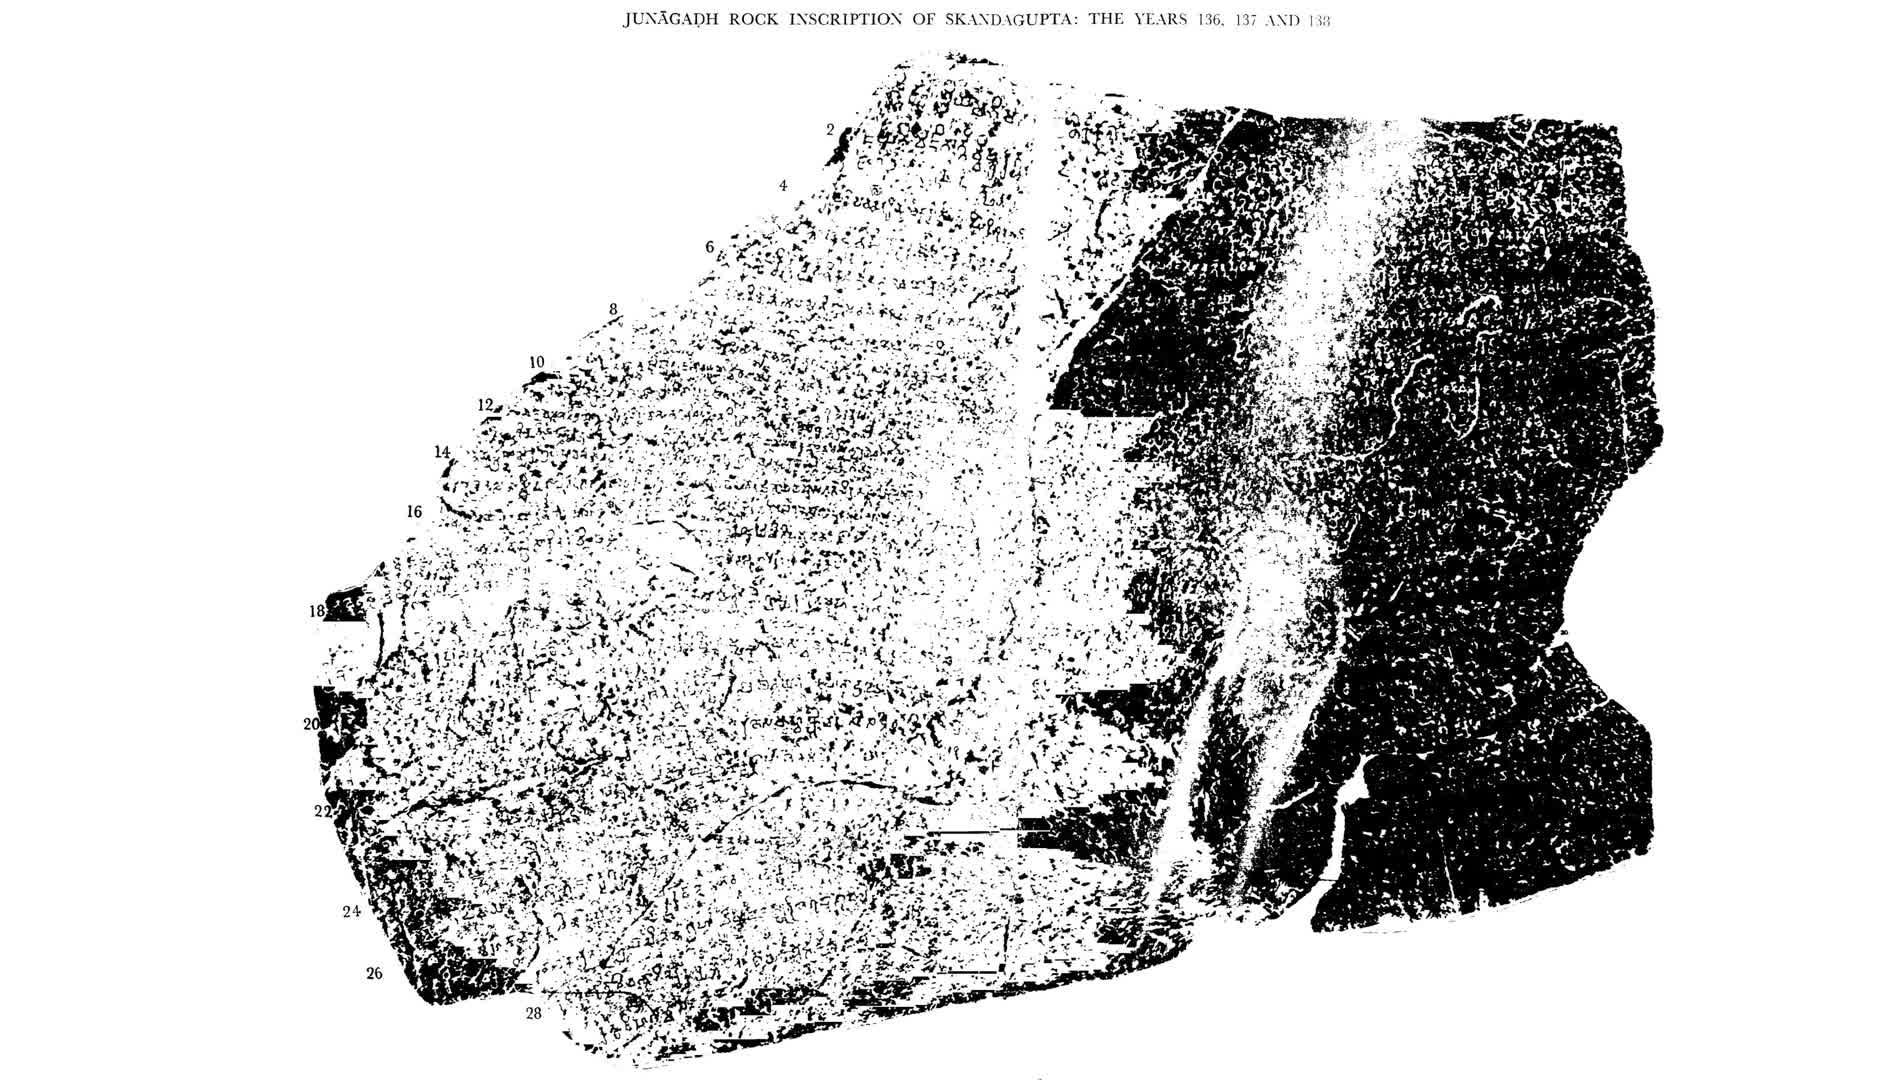 Skandagupta's Inscription